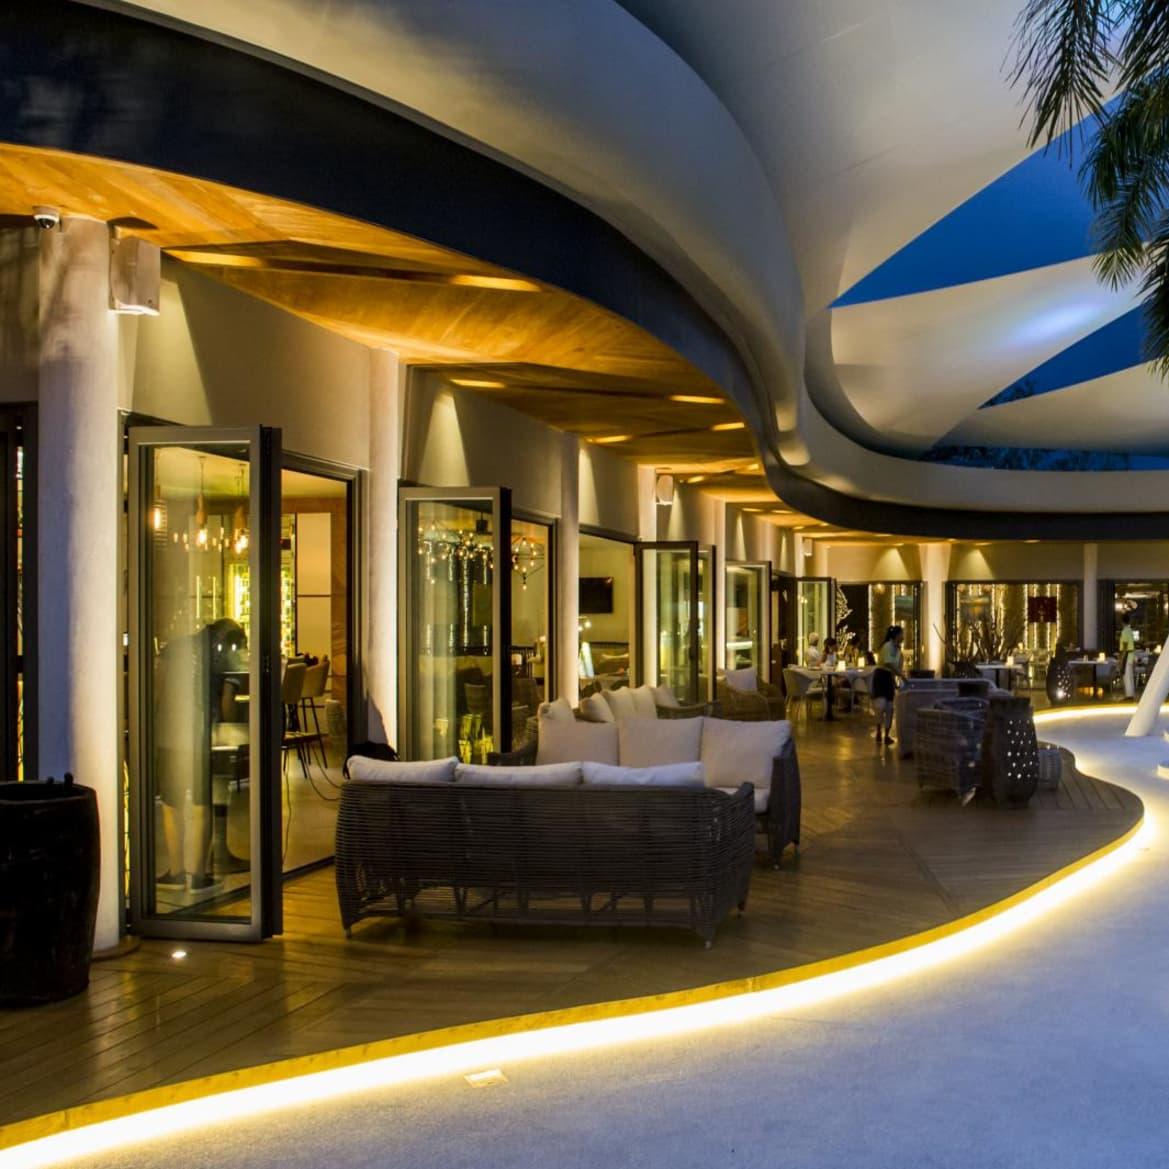 Firefly Restaurant - The Pavilions Phuket